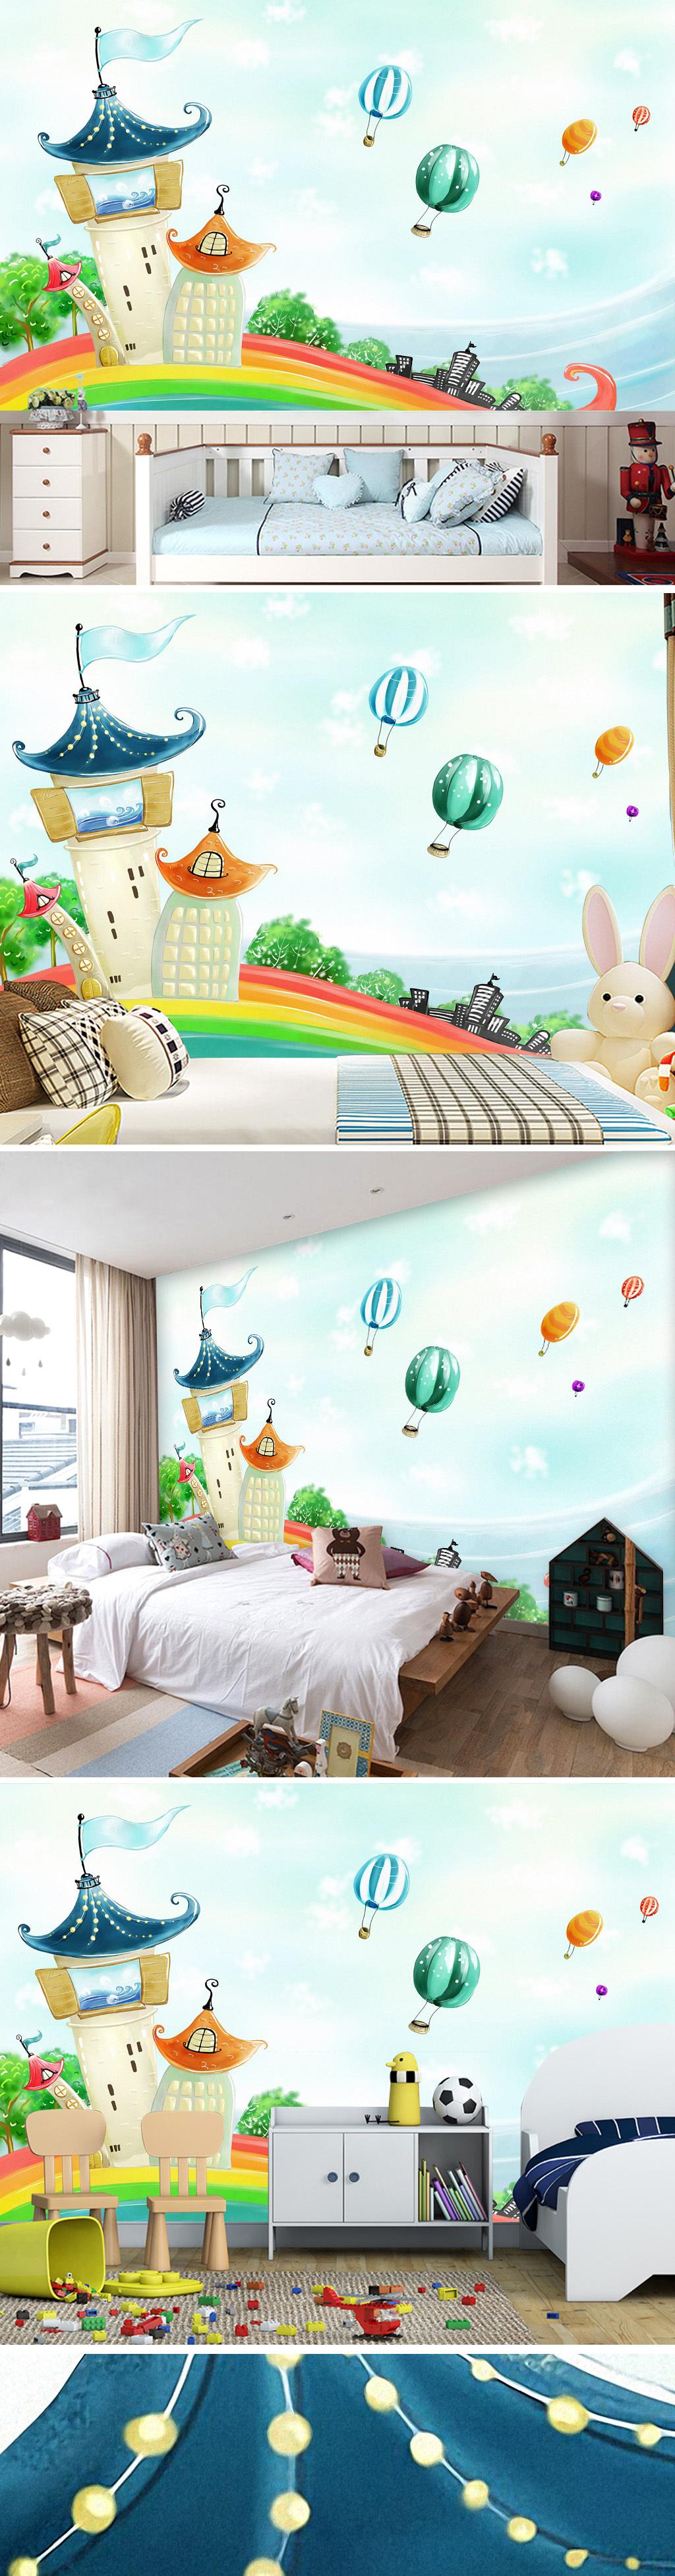 热气球城堡浪漫色彩手绘卡通韩国客厅背景墙